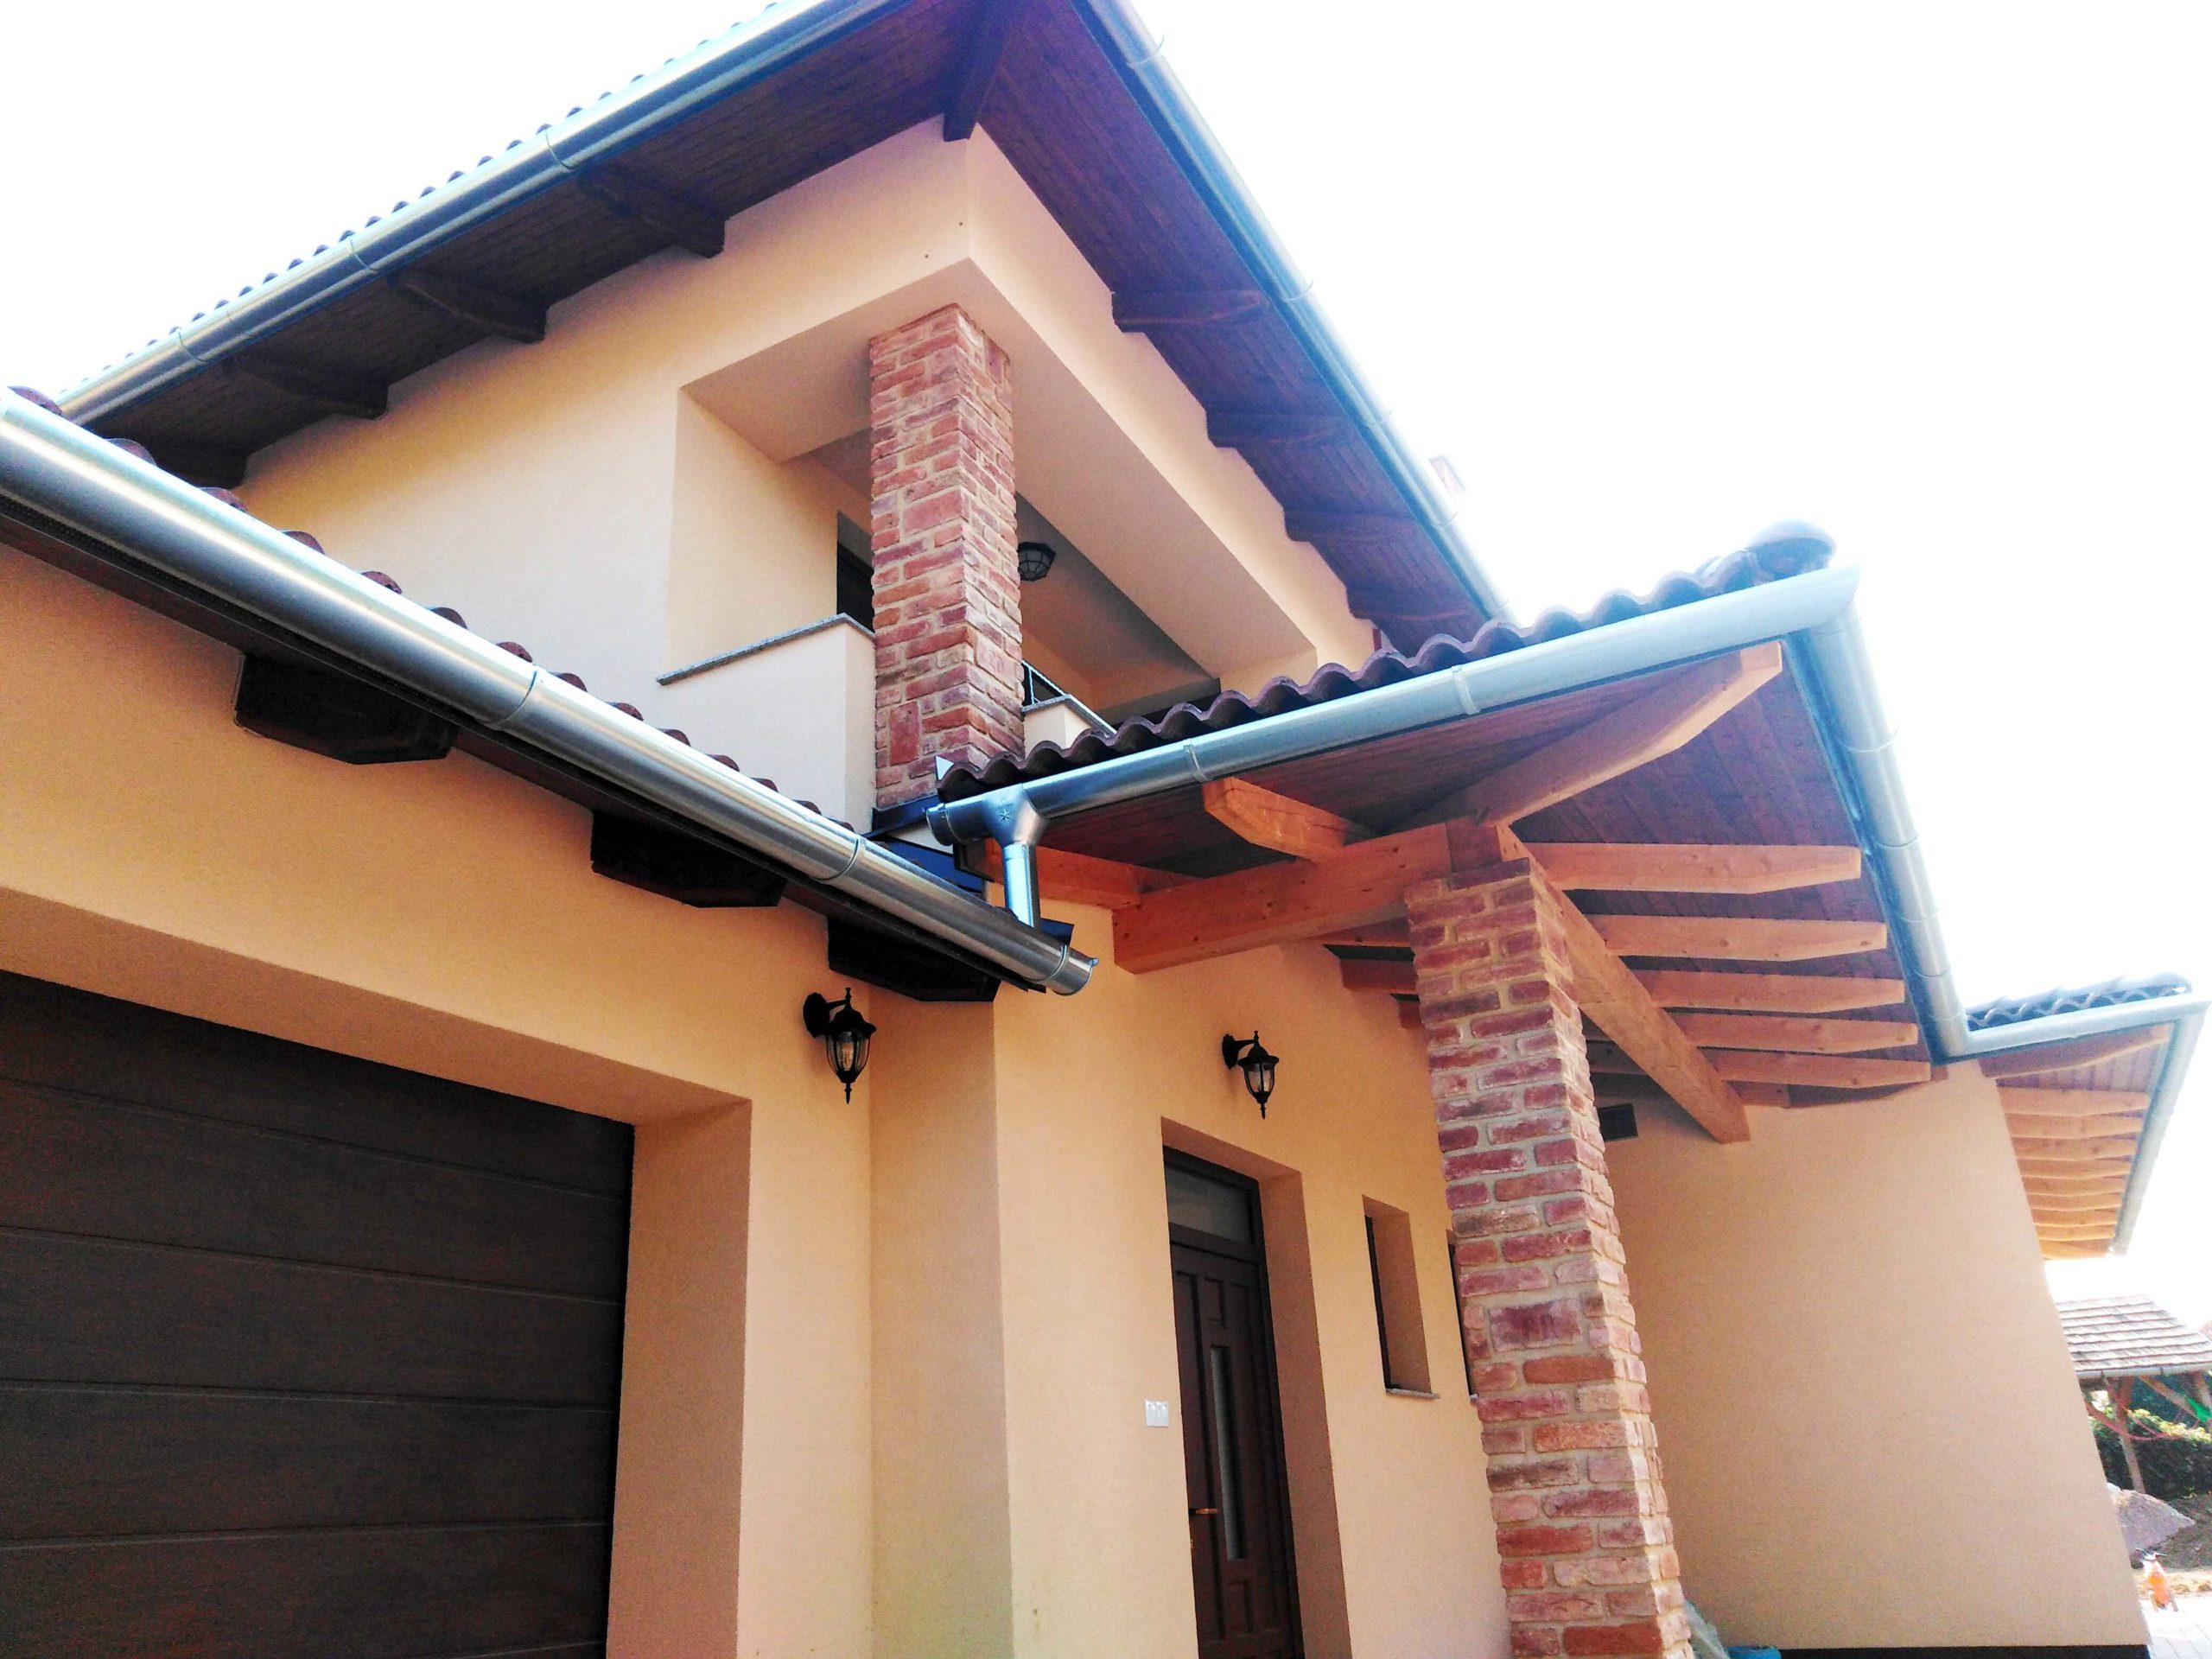 ács, újállványozás, tetőfedés, tetőépítés